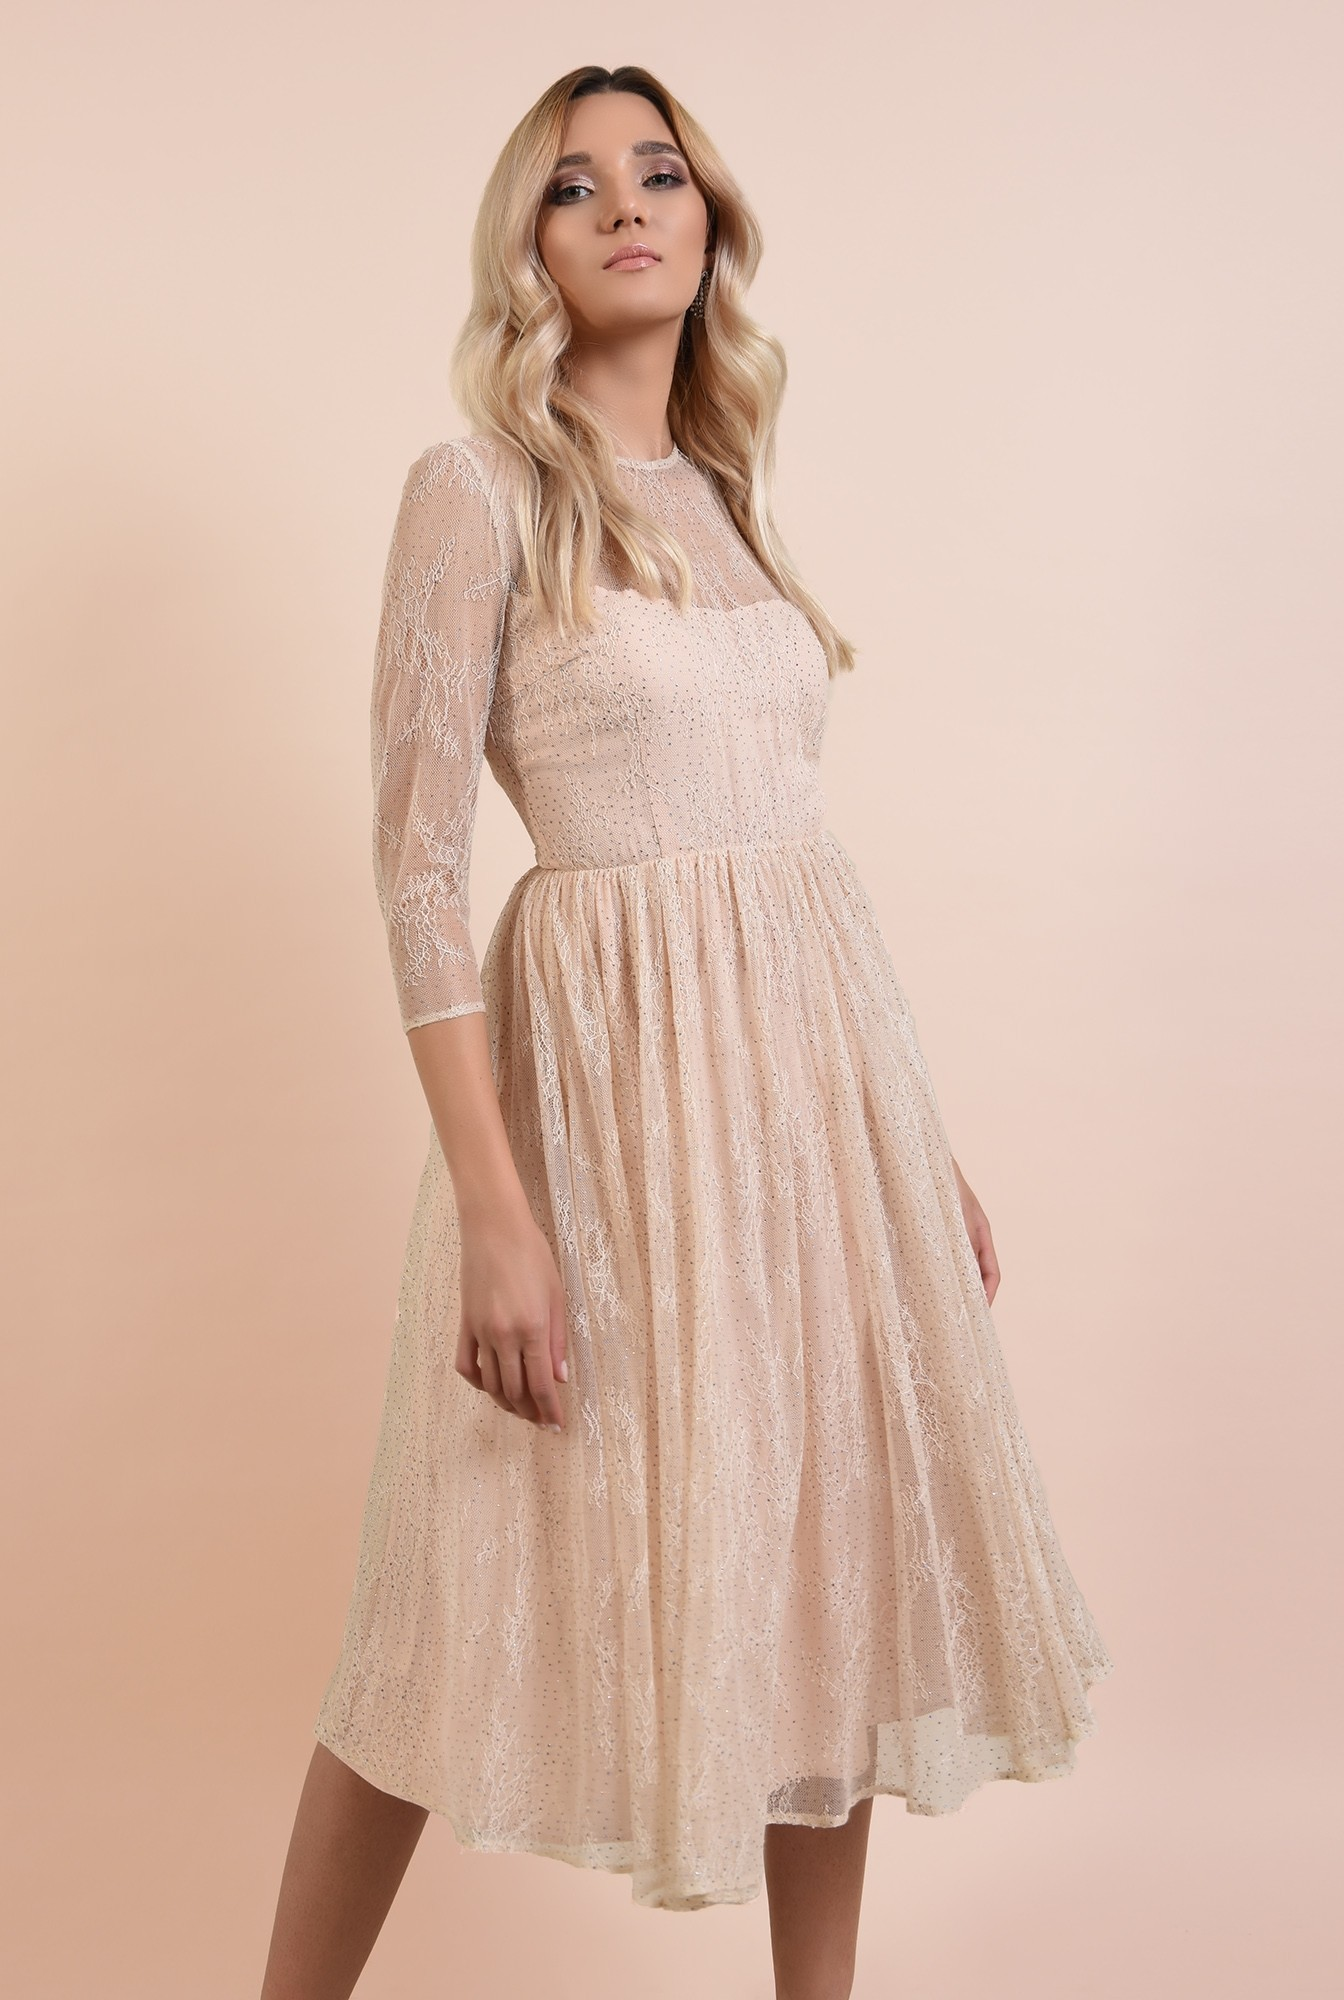 0 - rochie eleganta, crem, din tulle, cu top din dantela, nude, broderie florala fina, Poema